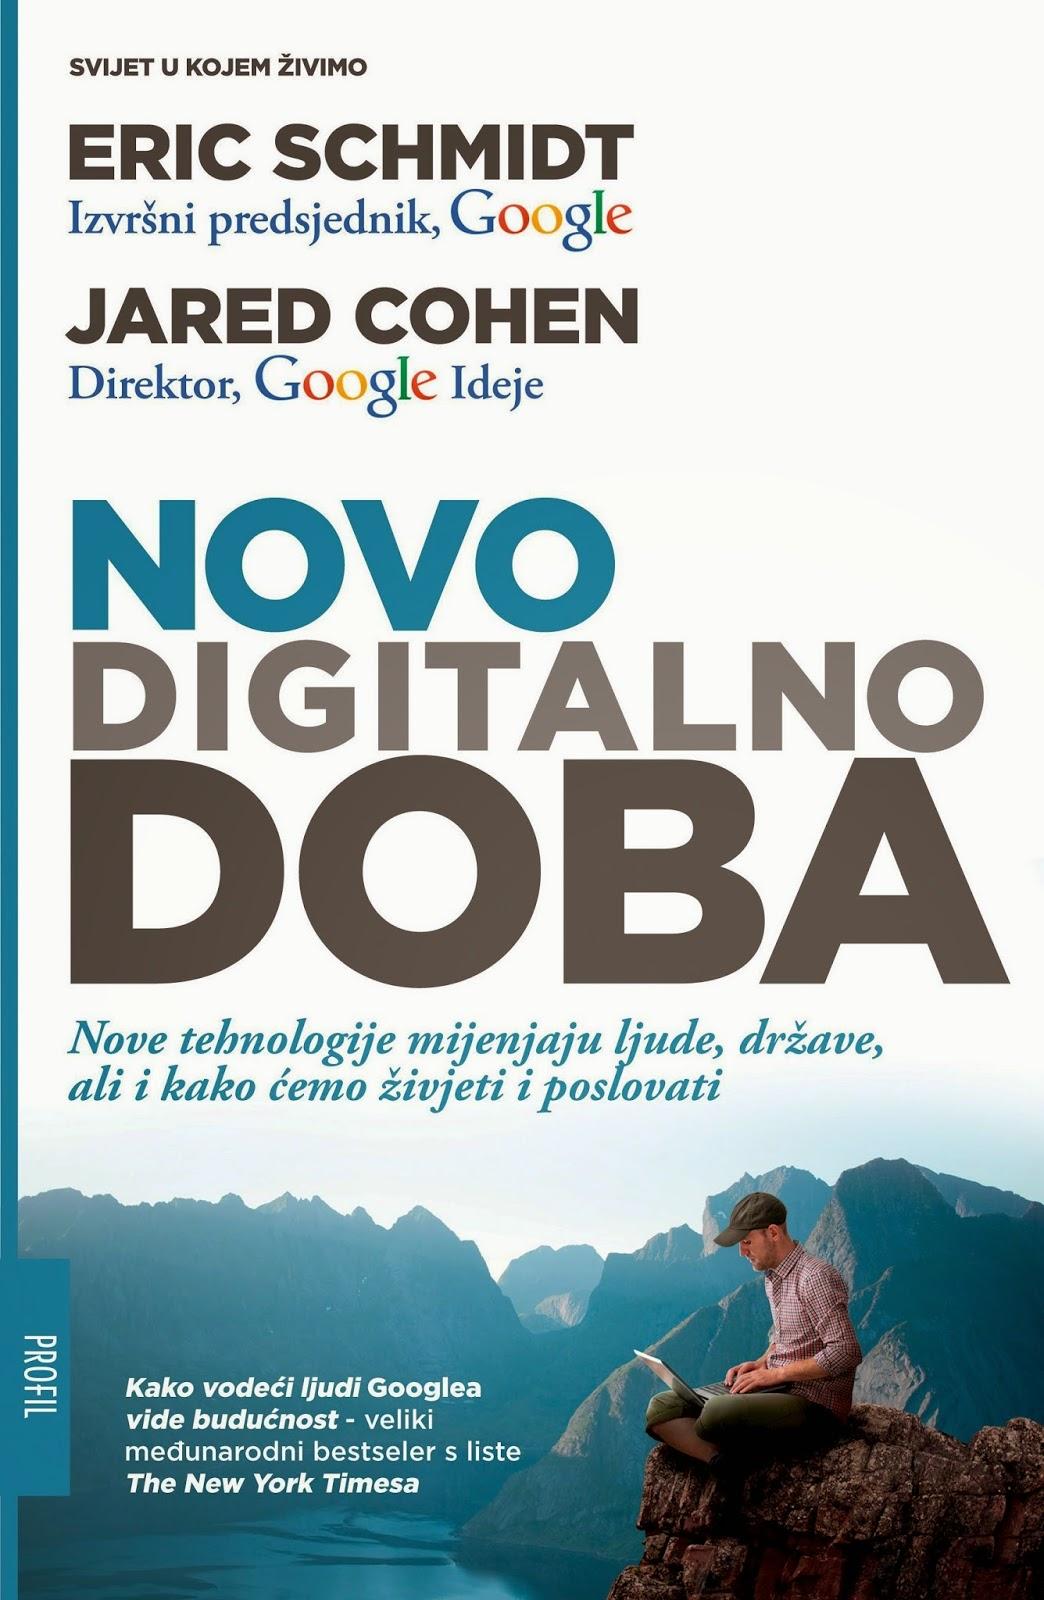 NOVO DIGITALNO DOBA - Naruči svoju knjigu